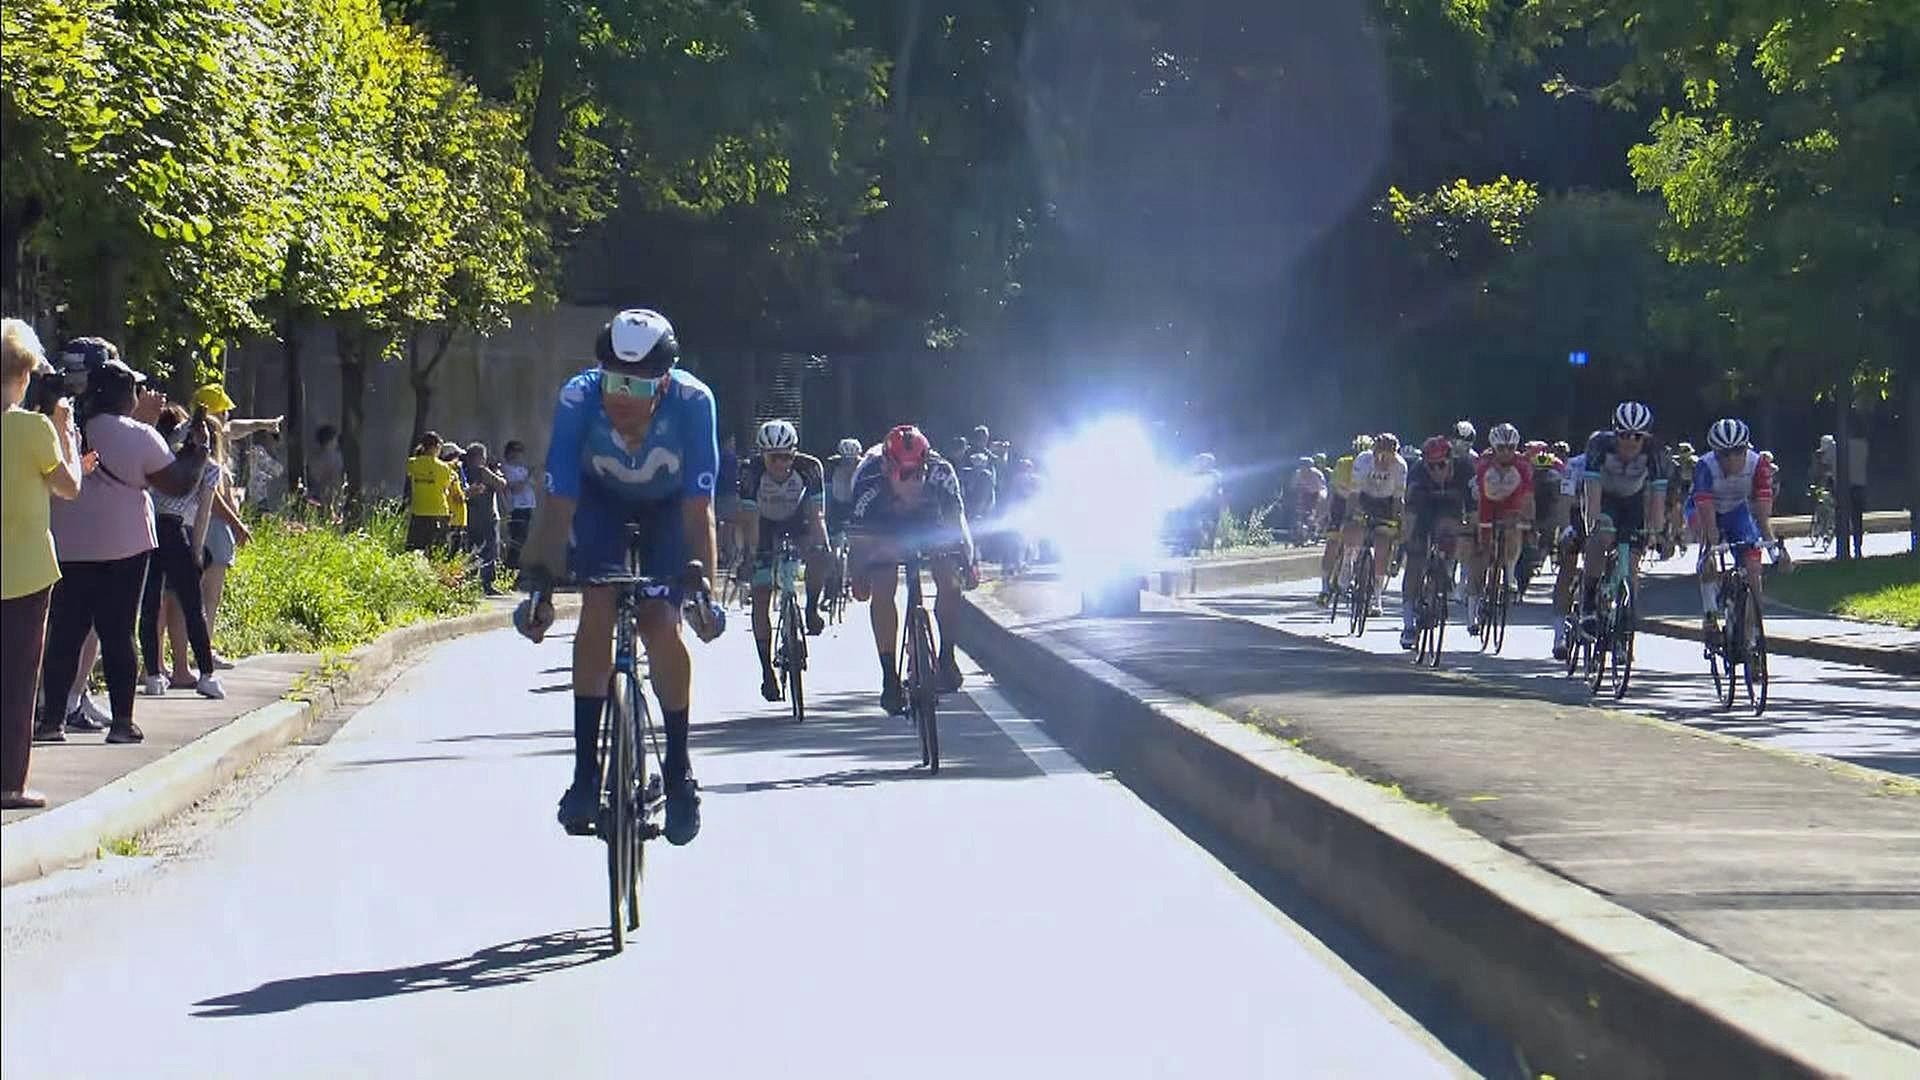 Sykler så fort at fotoboksen blinker